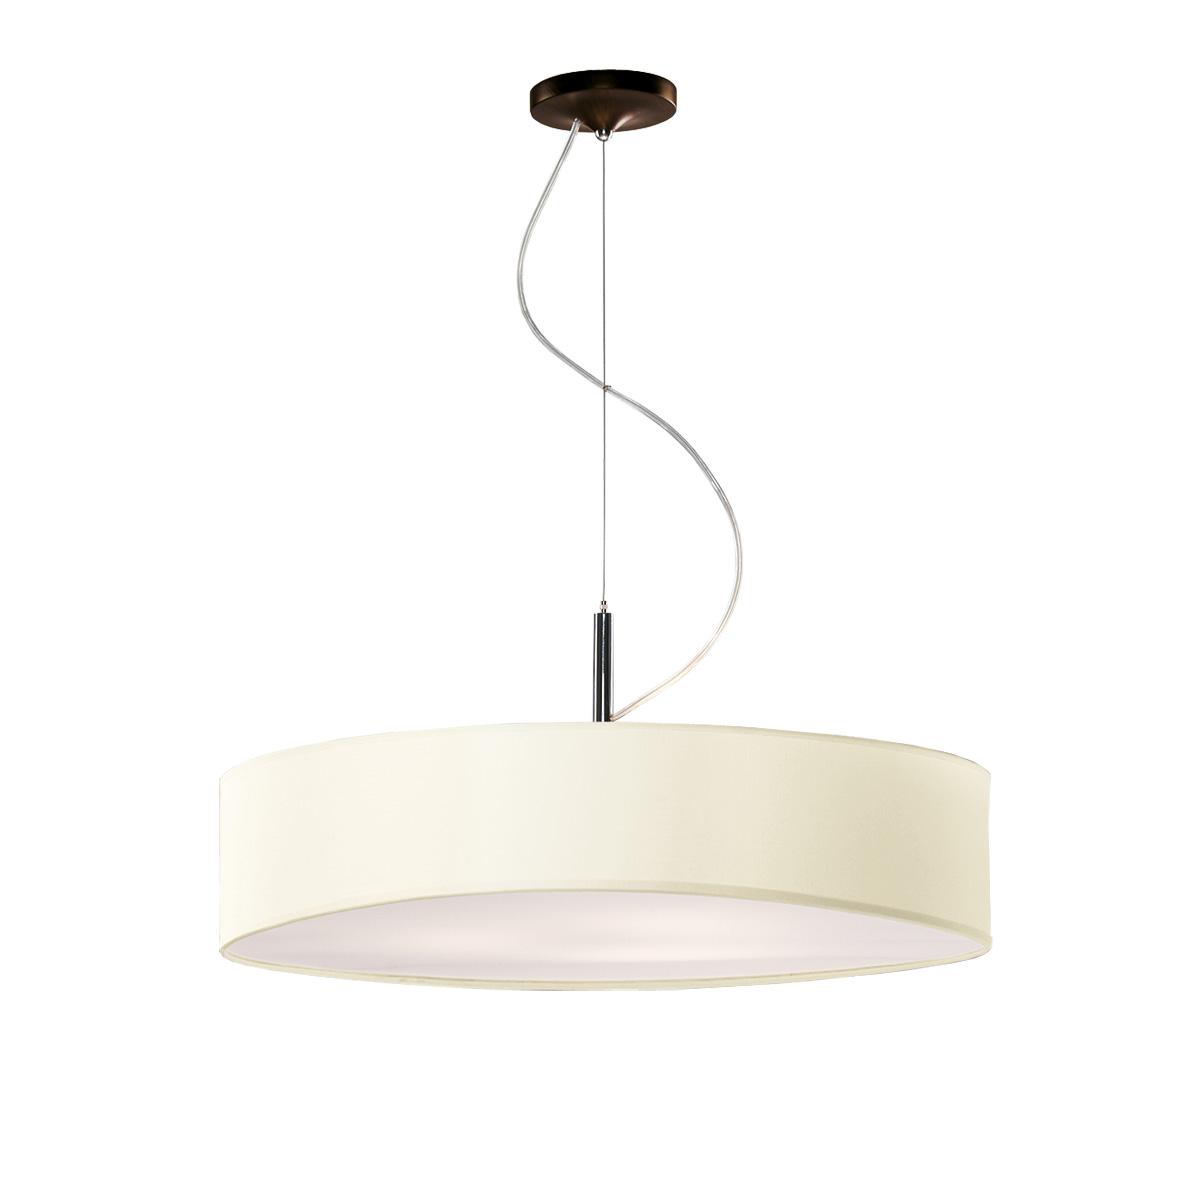 Κρεμαστό μπεζ μονόφωτο DISCO ZEN hanging lamp with beige shade